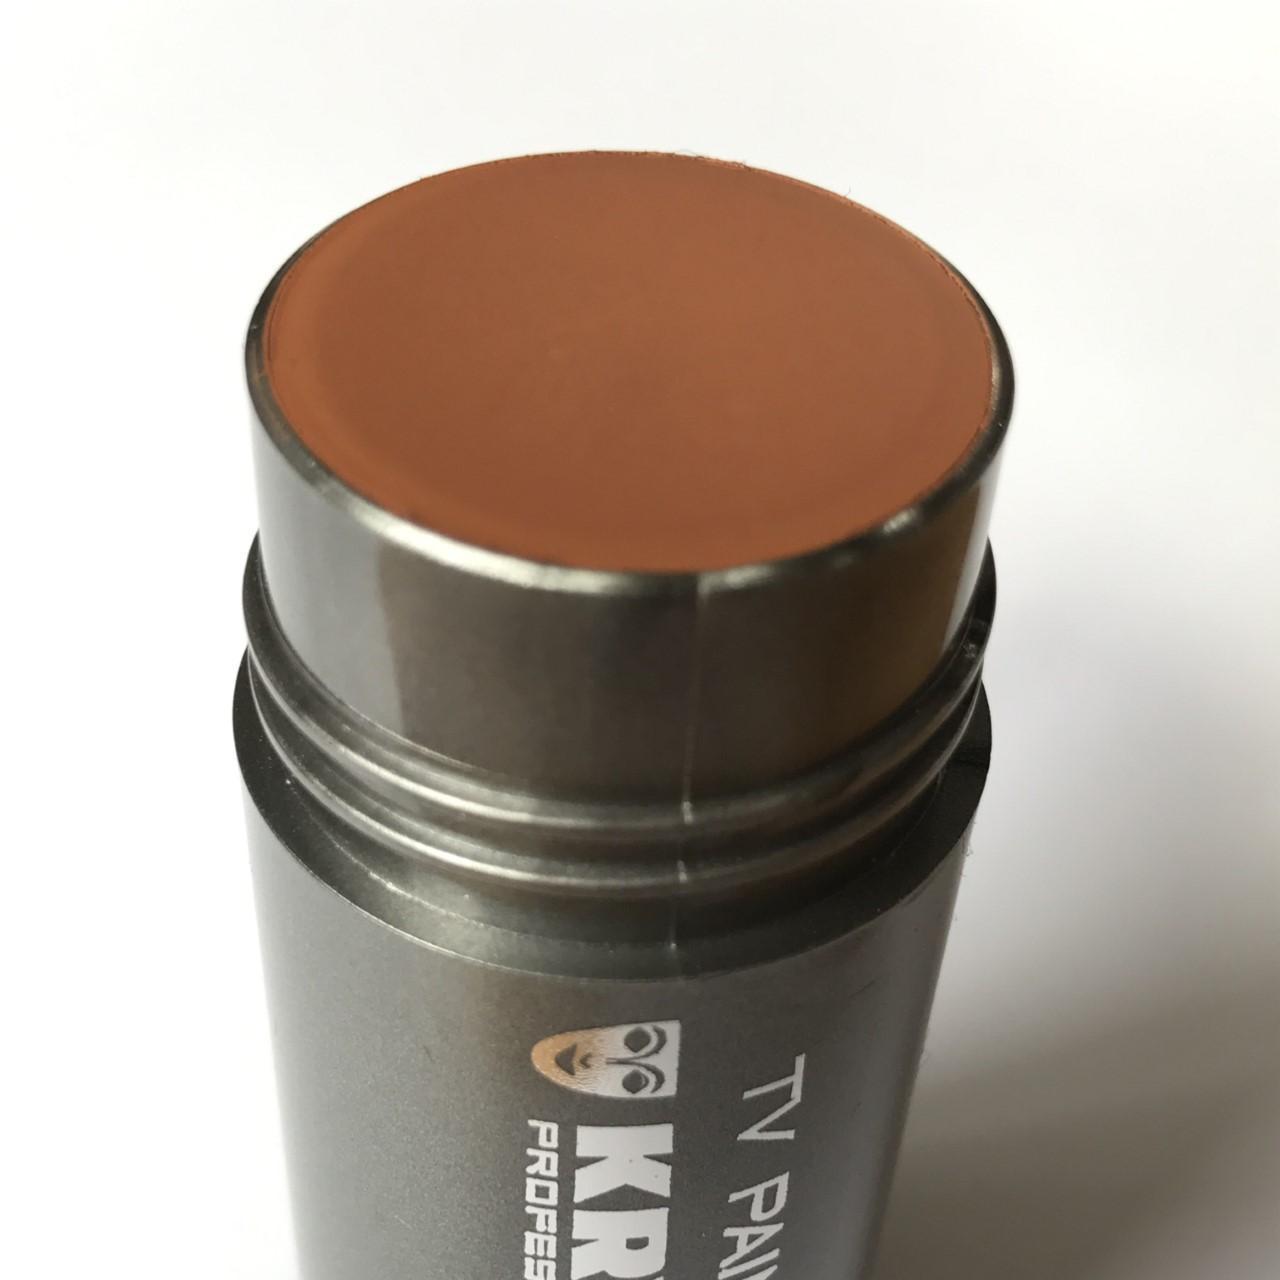 Maquillage kryolan paint stick 5047 w9